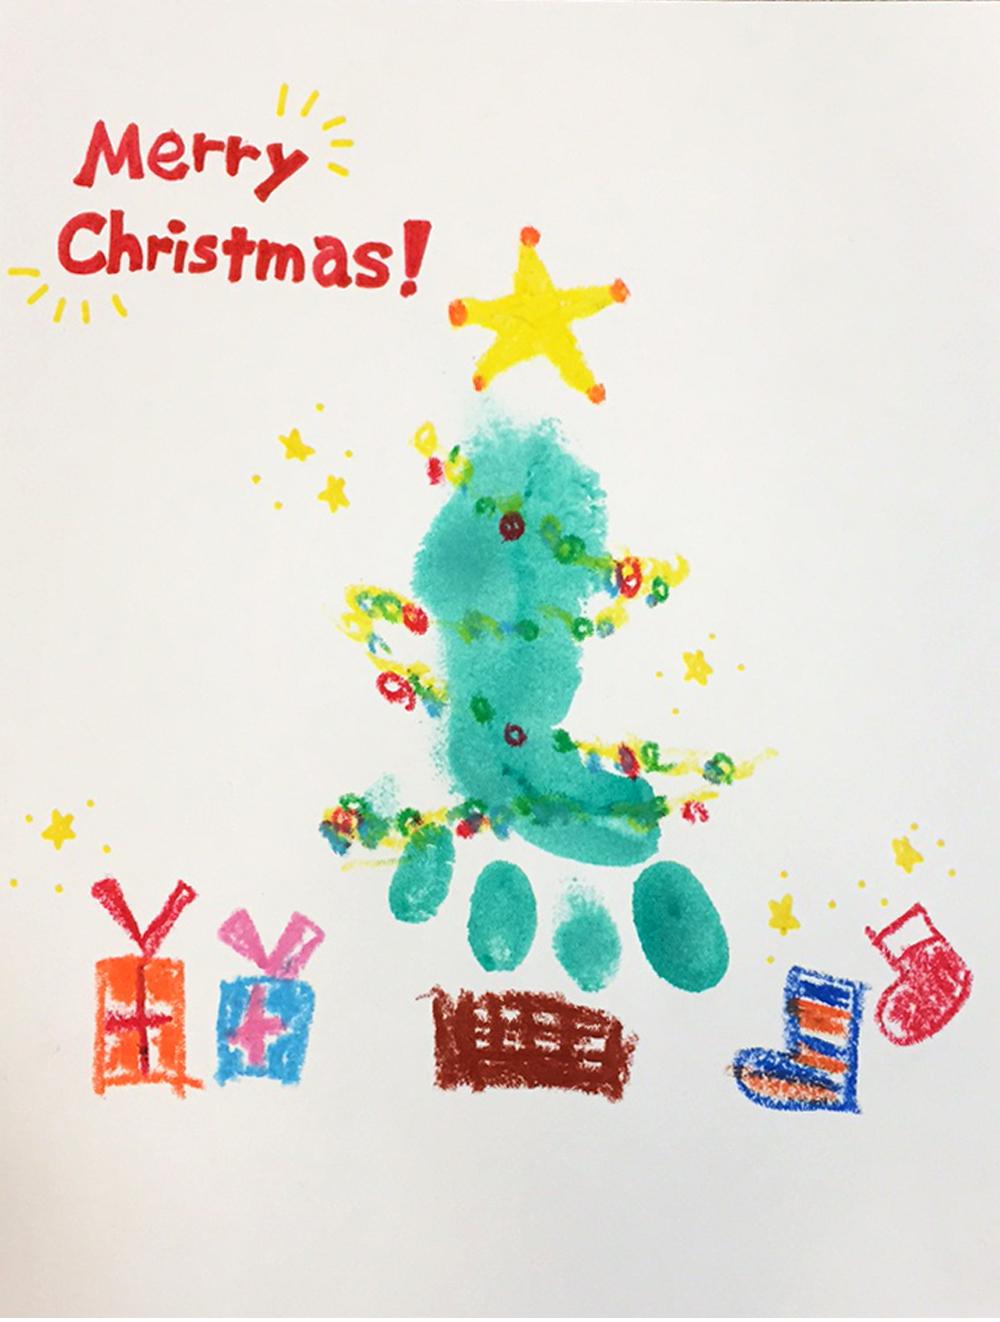 【クリスマス特別イベント】12/17(土)手形あそび